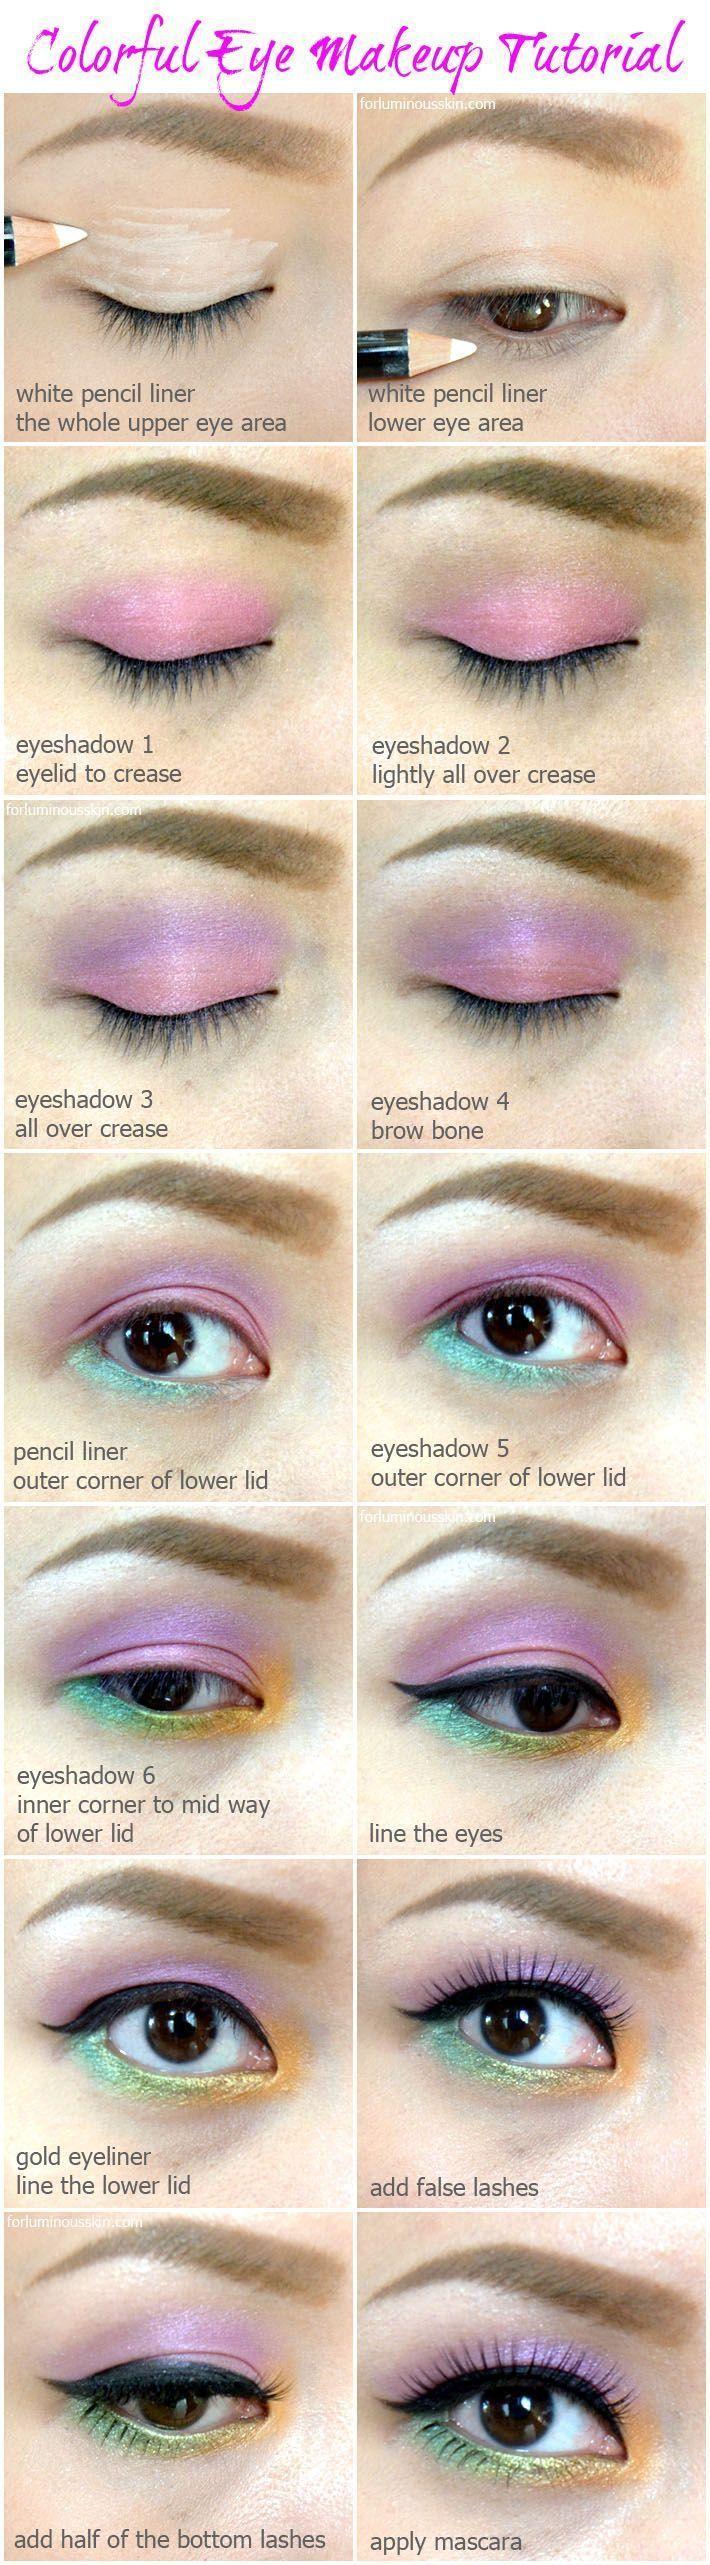 Tutorial paso a paso de pintalabios | Maquillaje colorido paso a paso tutorial ….